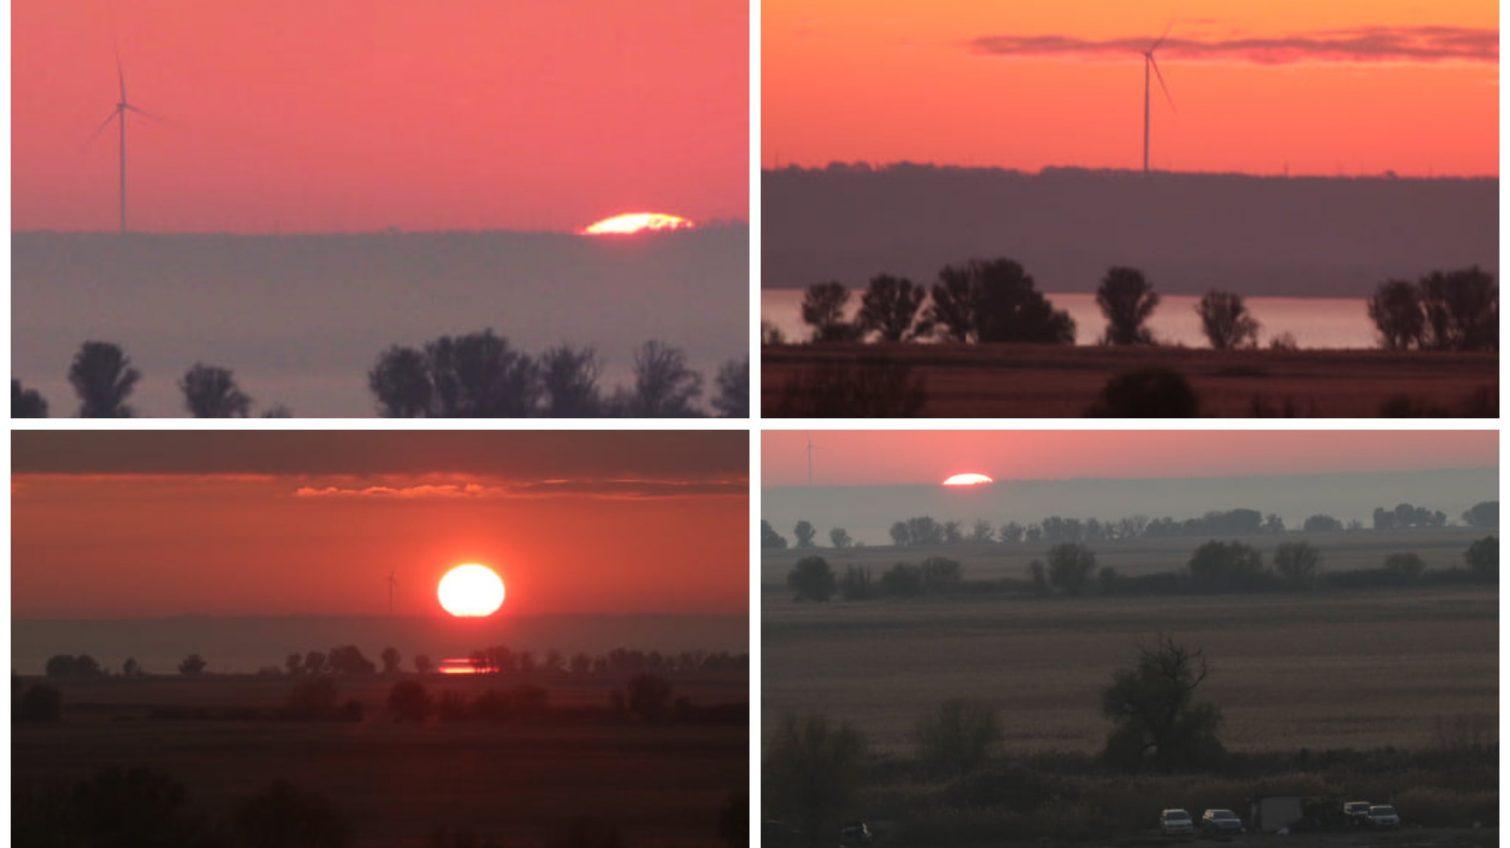 Альтернативная энергетика и живая природа: эколог выступил против ветряков «фото»